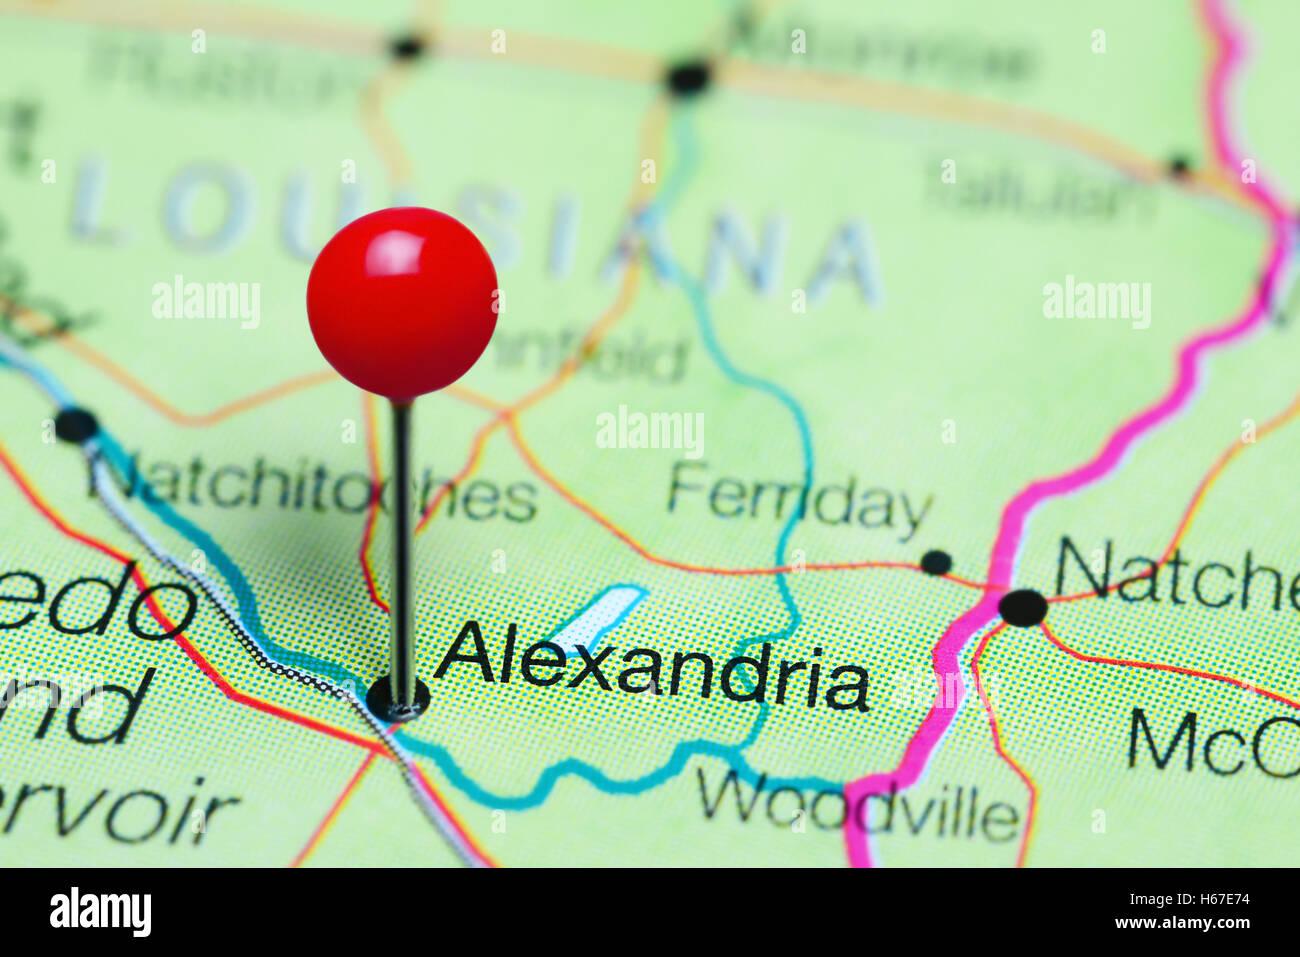 Alexandria Pinned On A Map Of Louisiana USA Stock Photo Royalty - Alexandria usa map